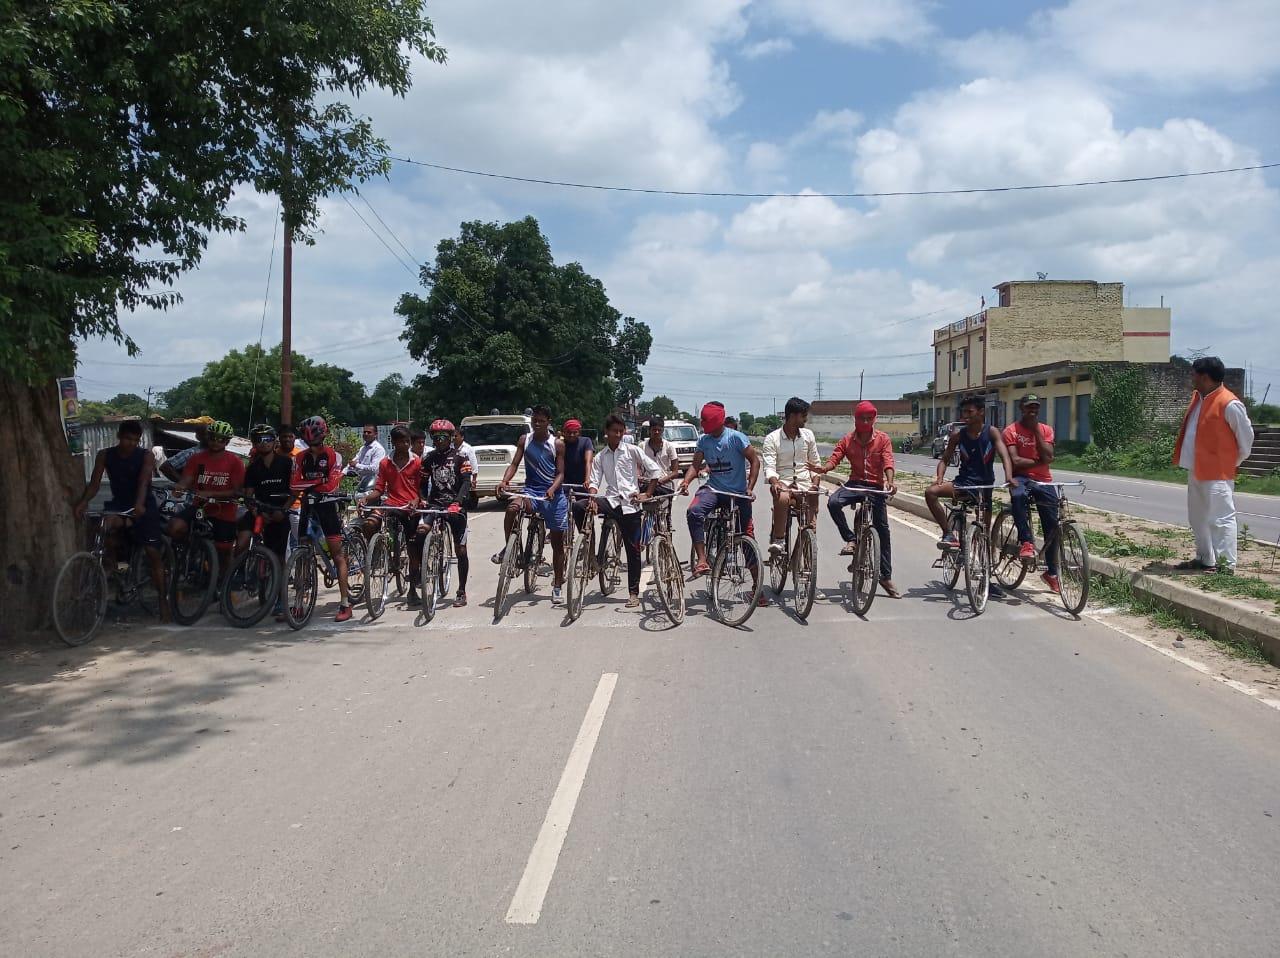 हिंदी समाचार |साइकिल रेस की प्रतियोगिता...